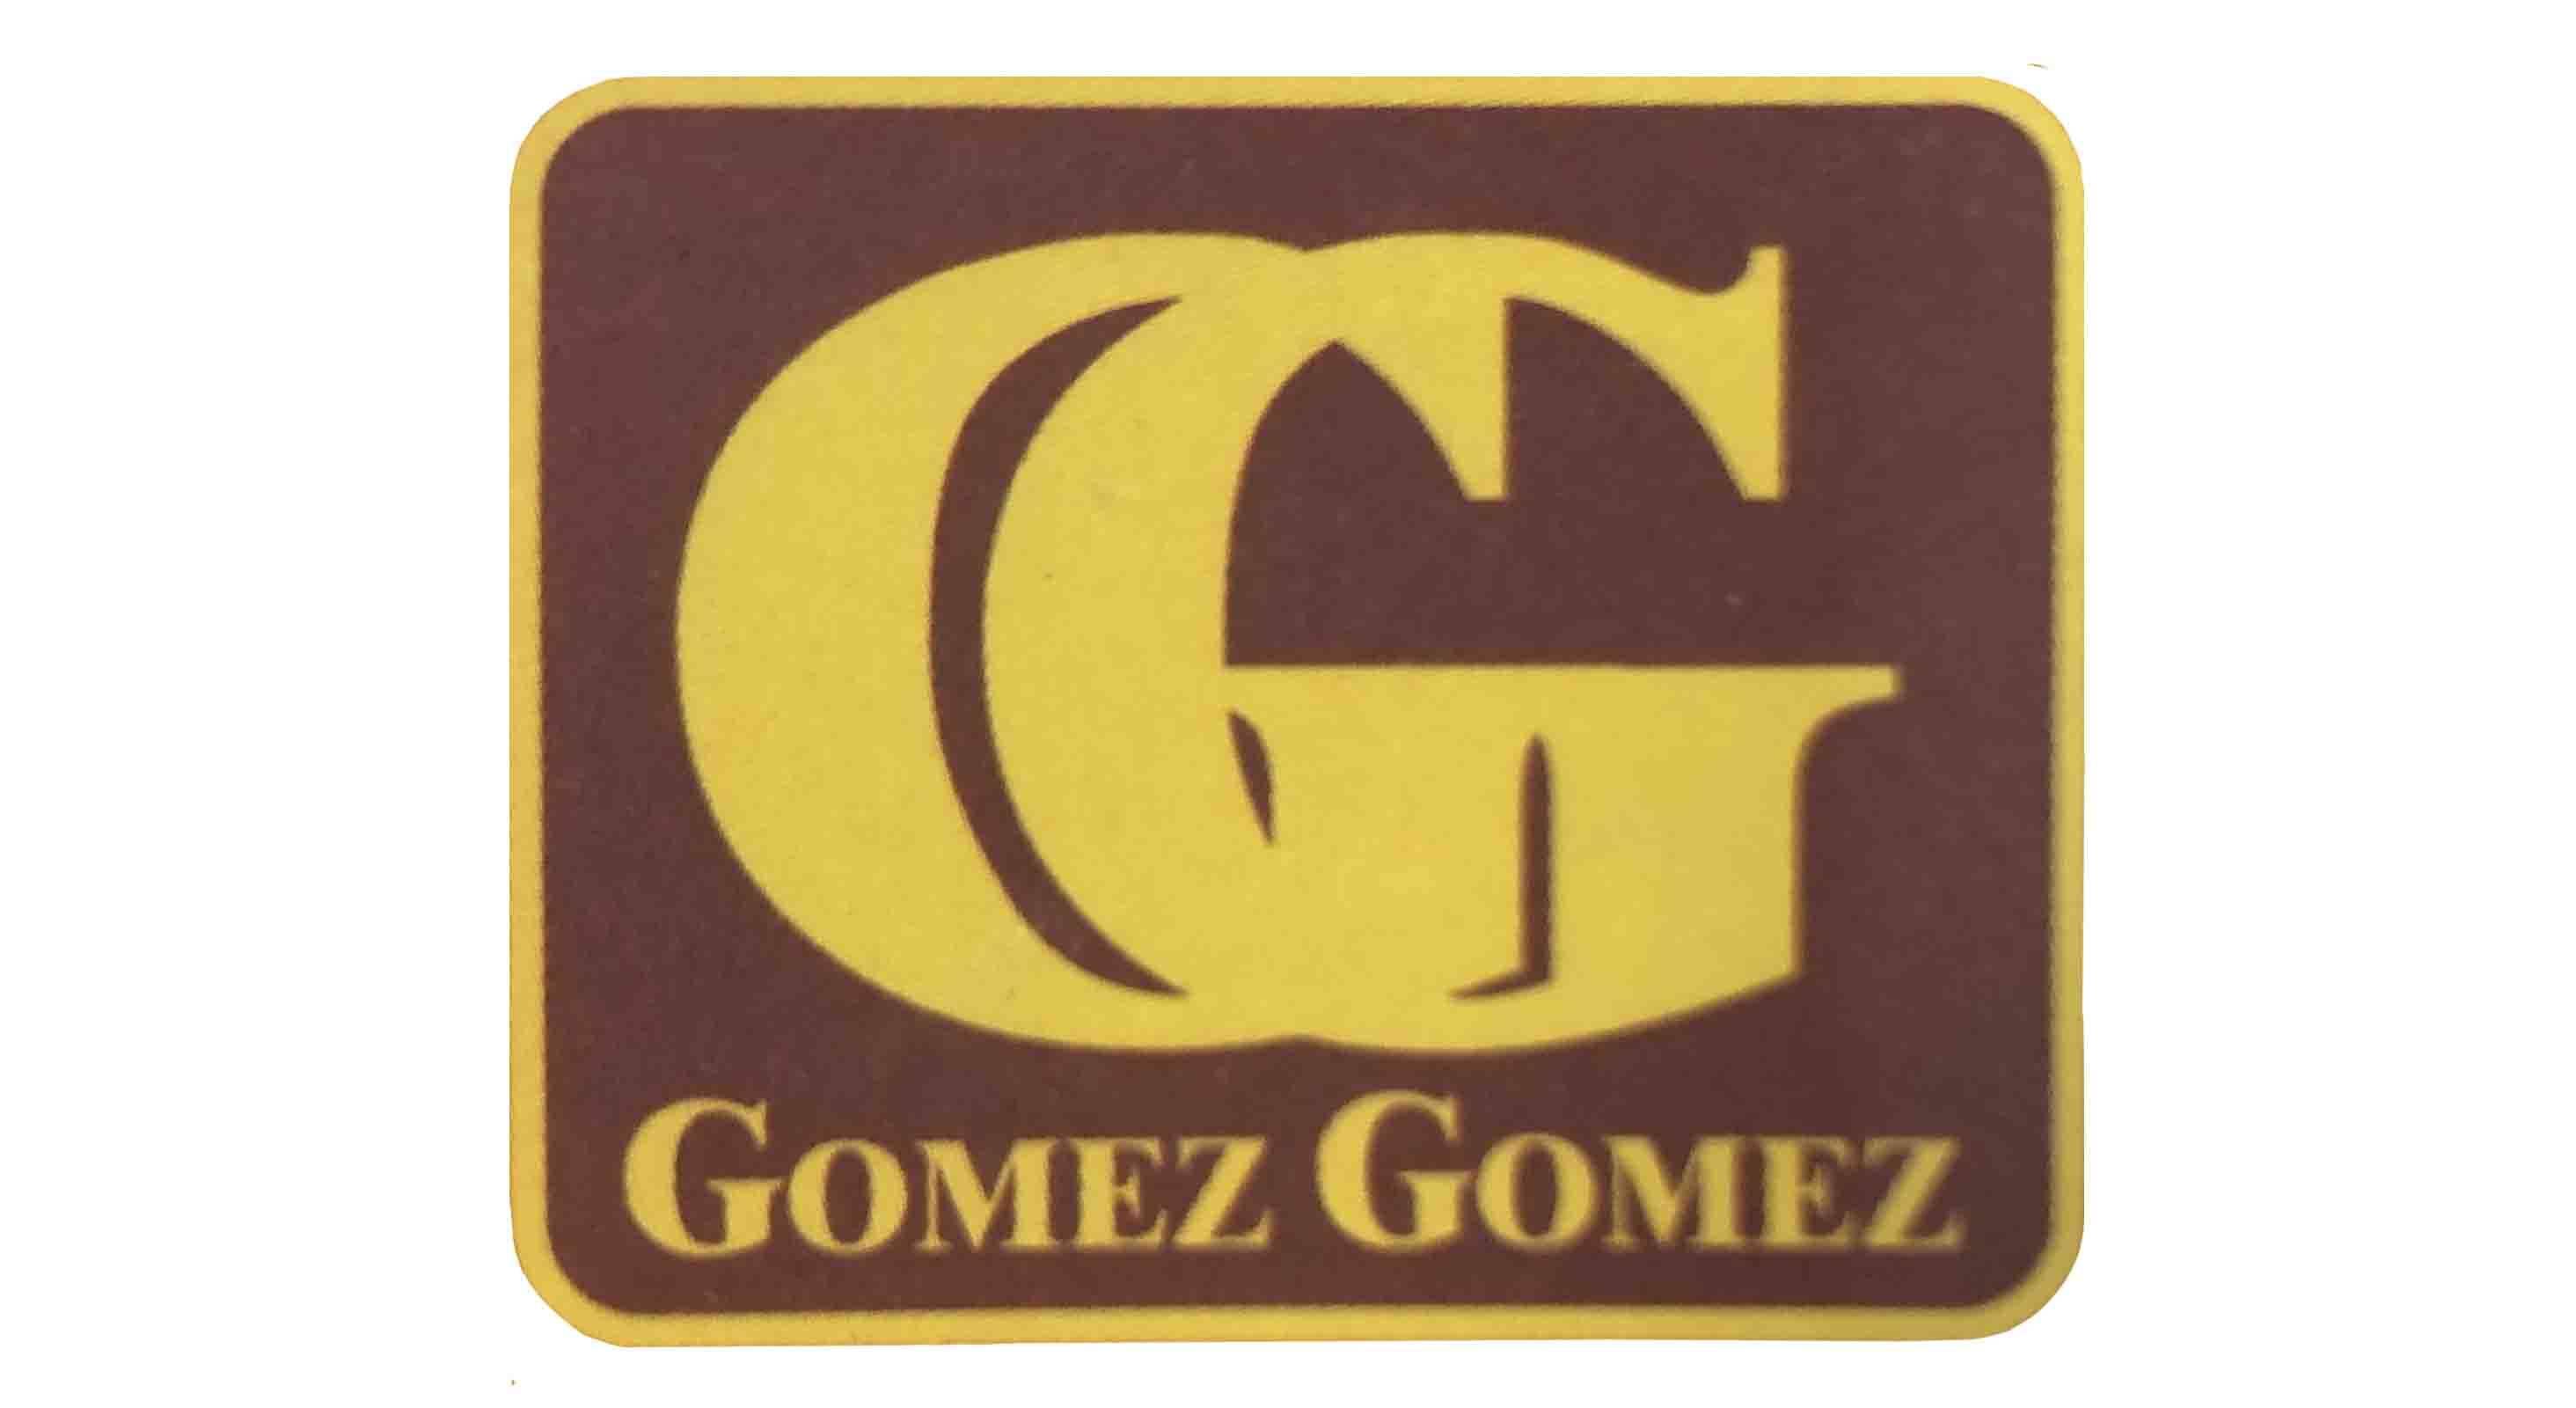 Gomez Gomez